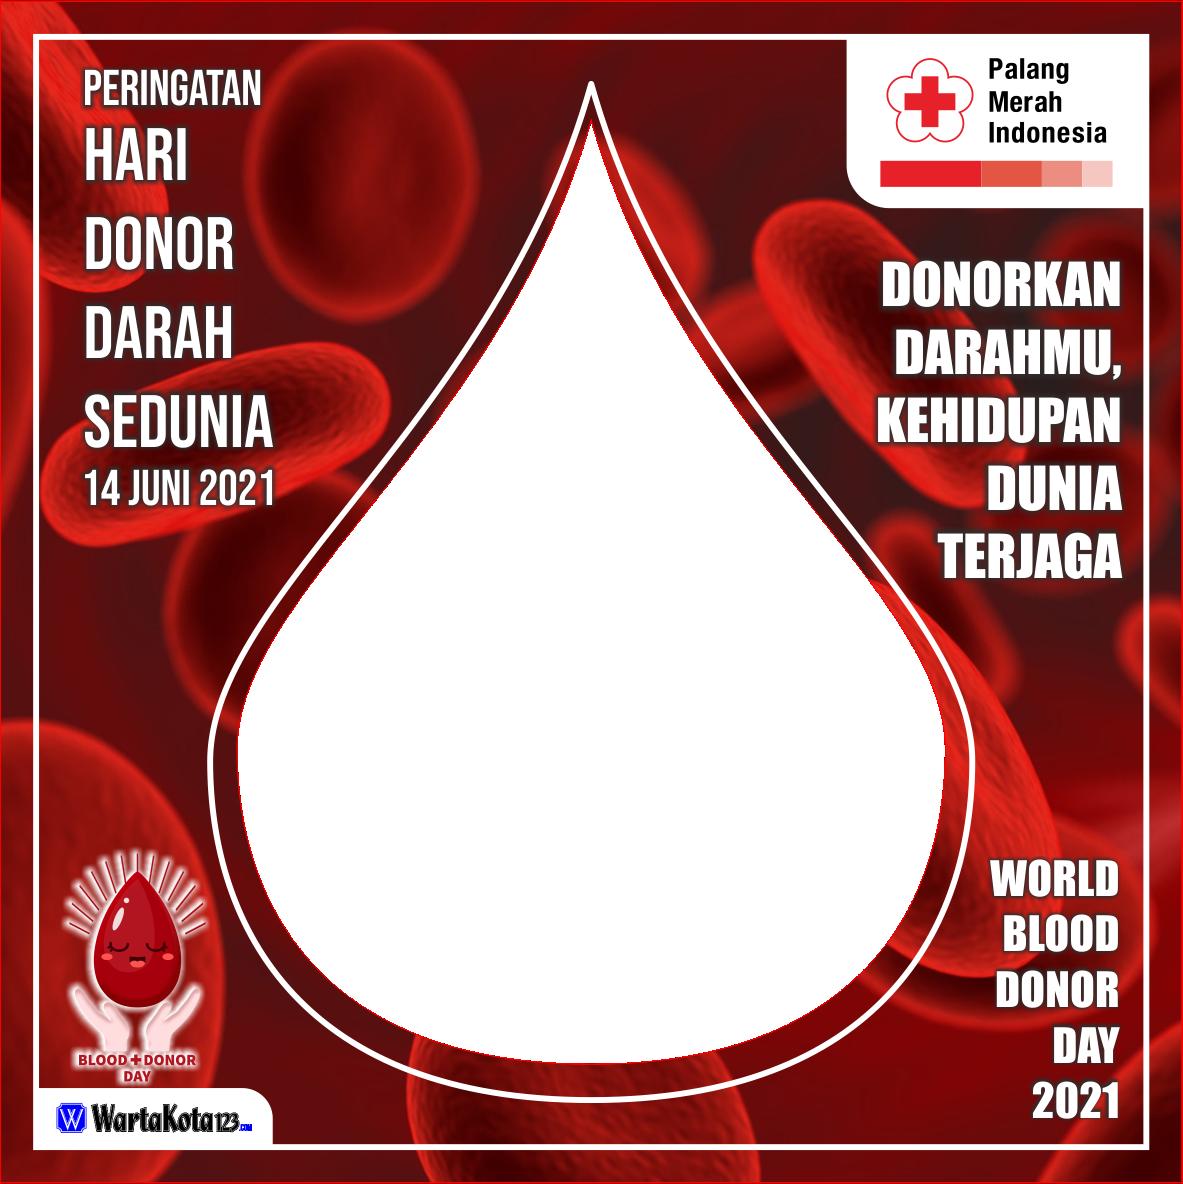 Twibbon Hari Donor Darah Sedunia